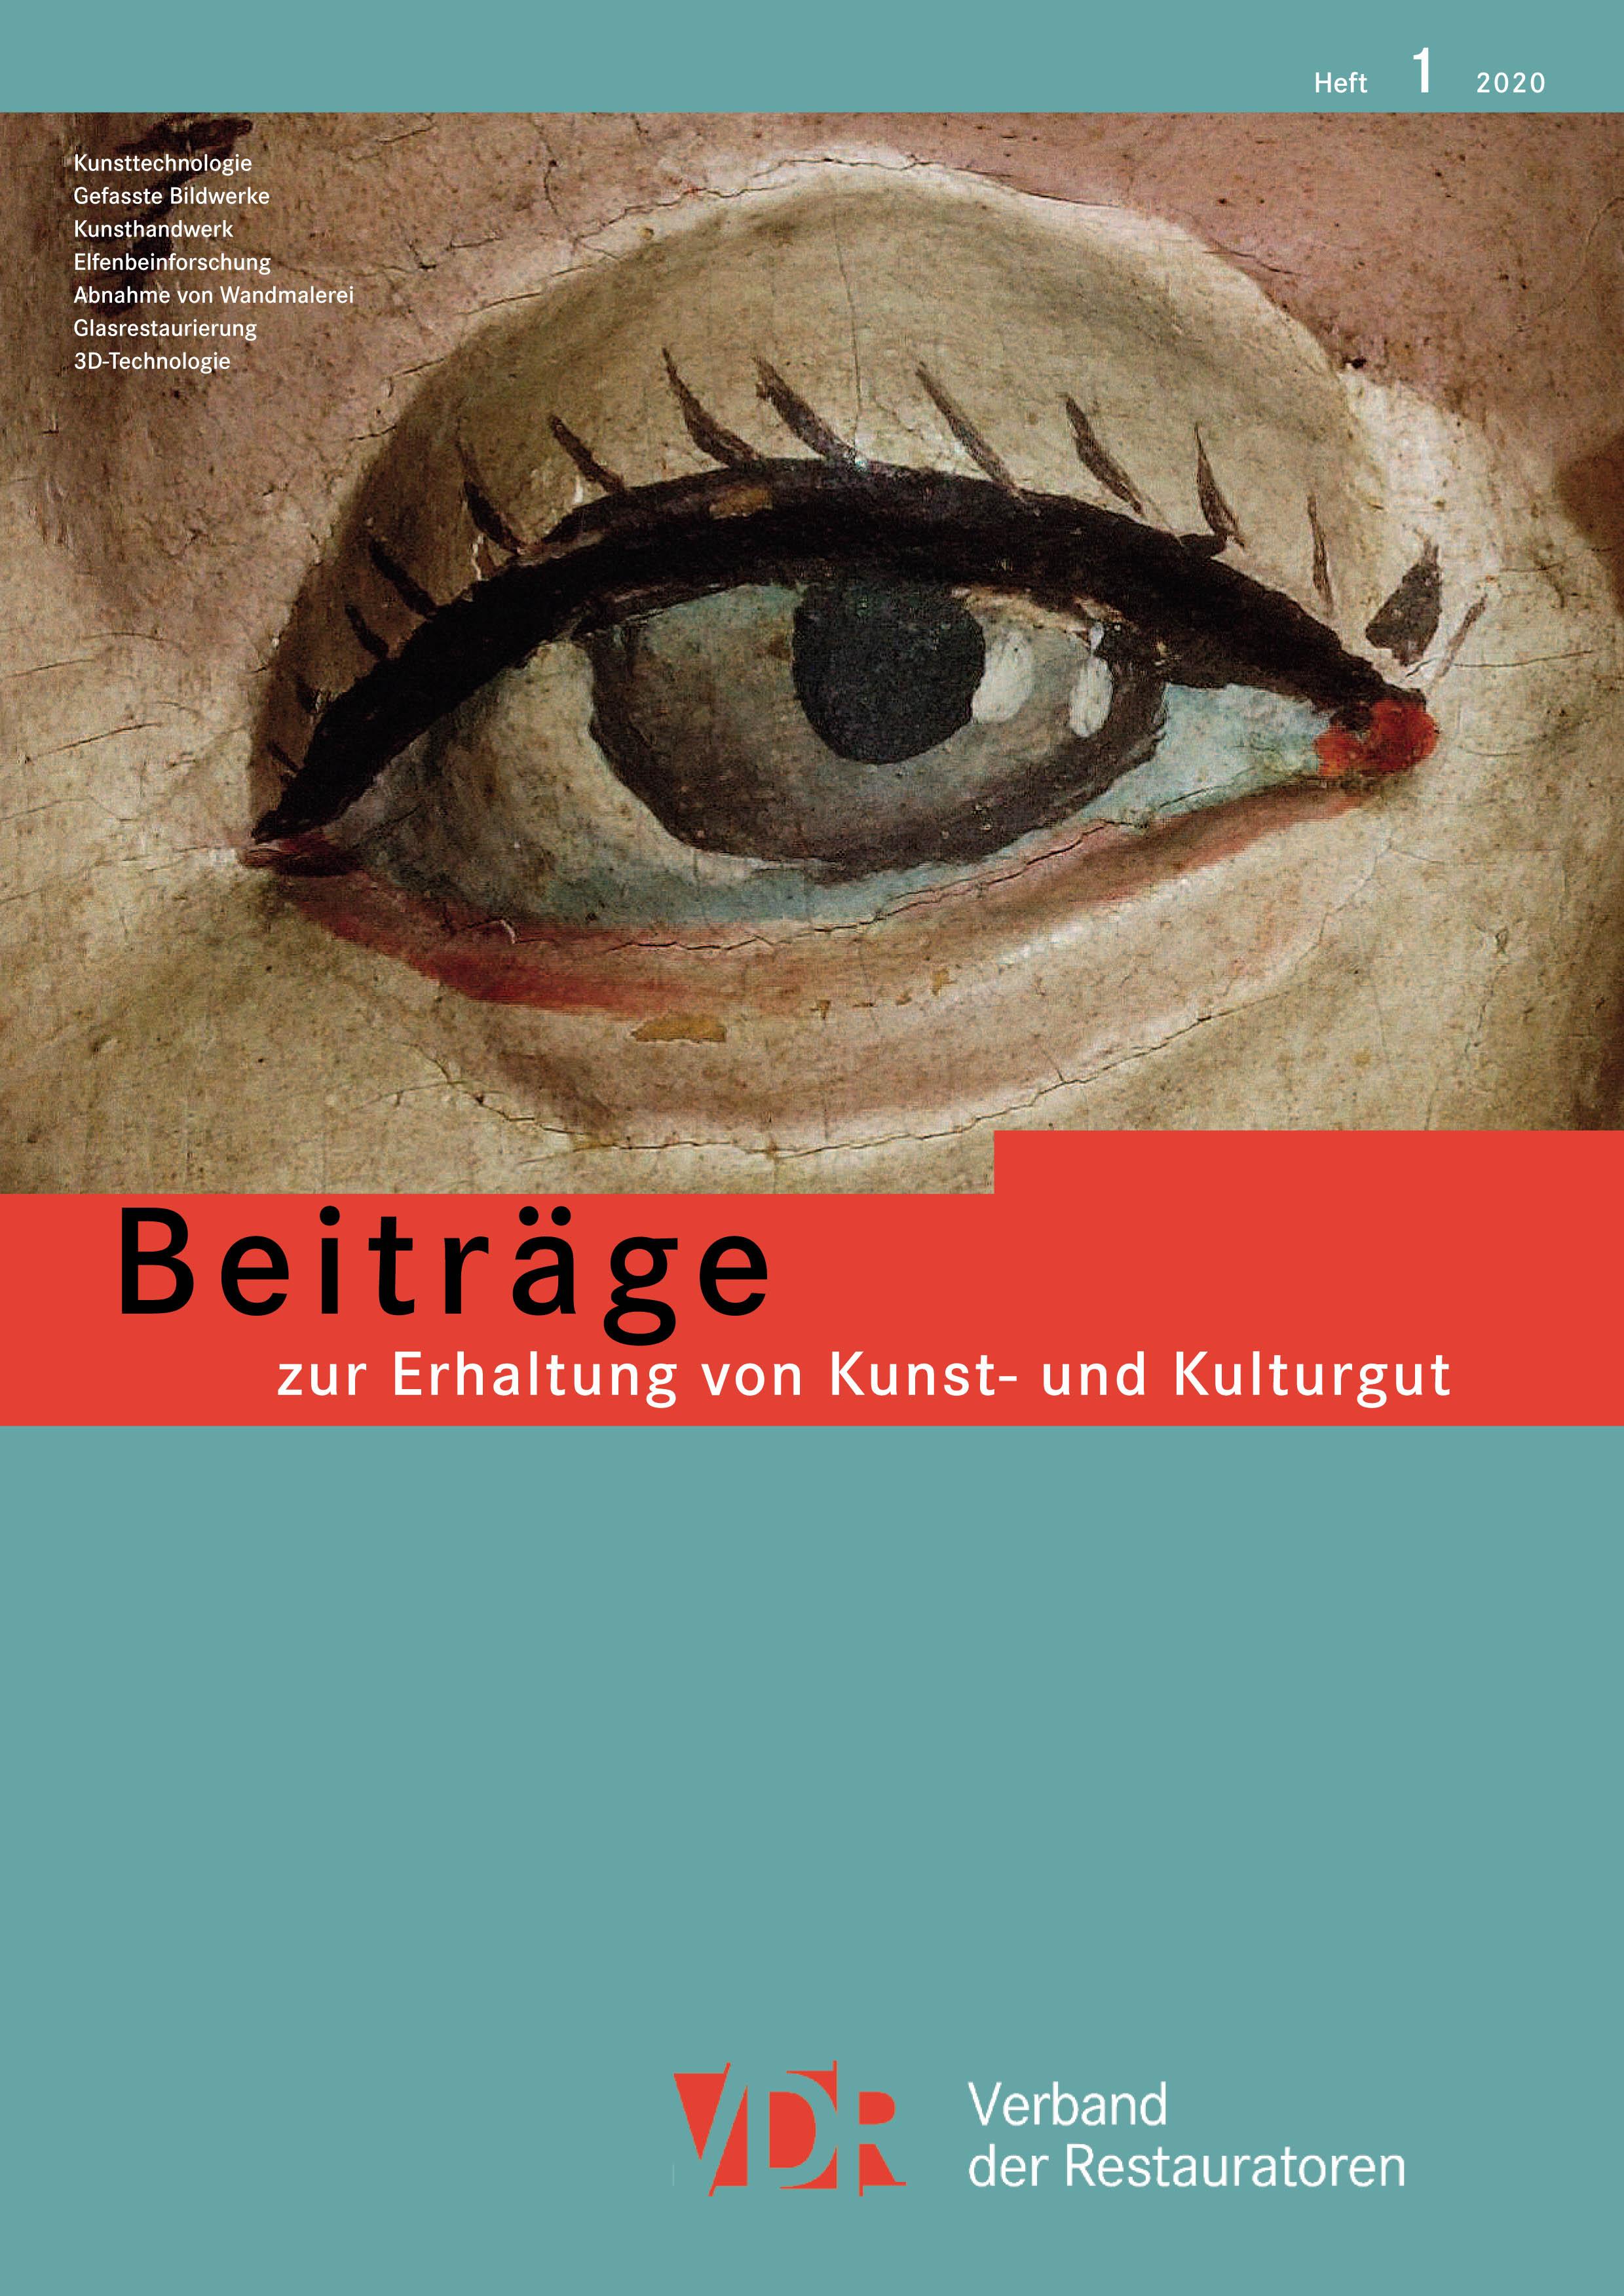 VDR-Fachzeitschrift, Heft 1/2020